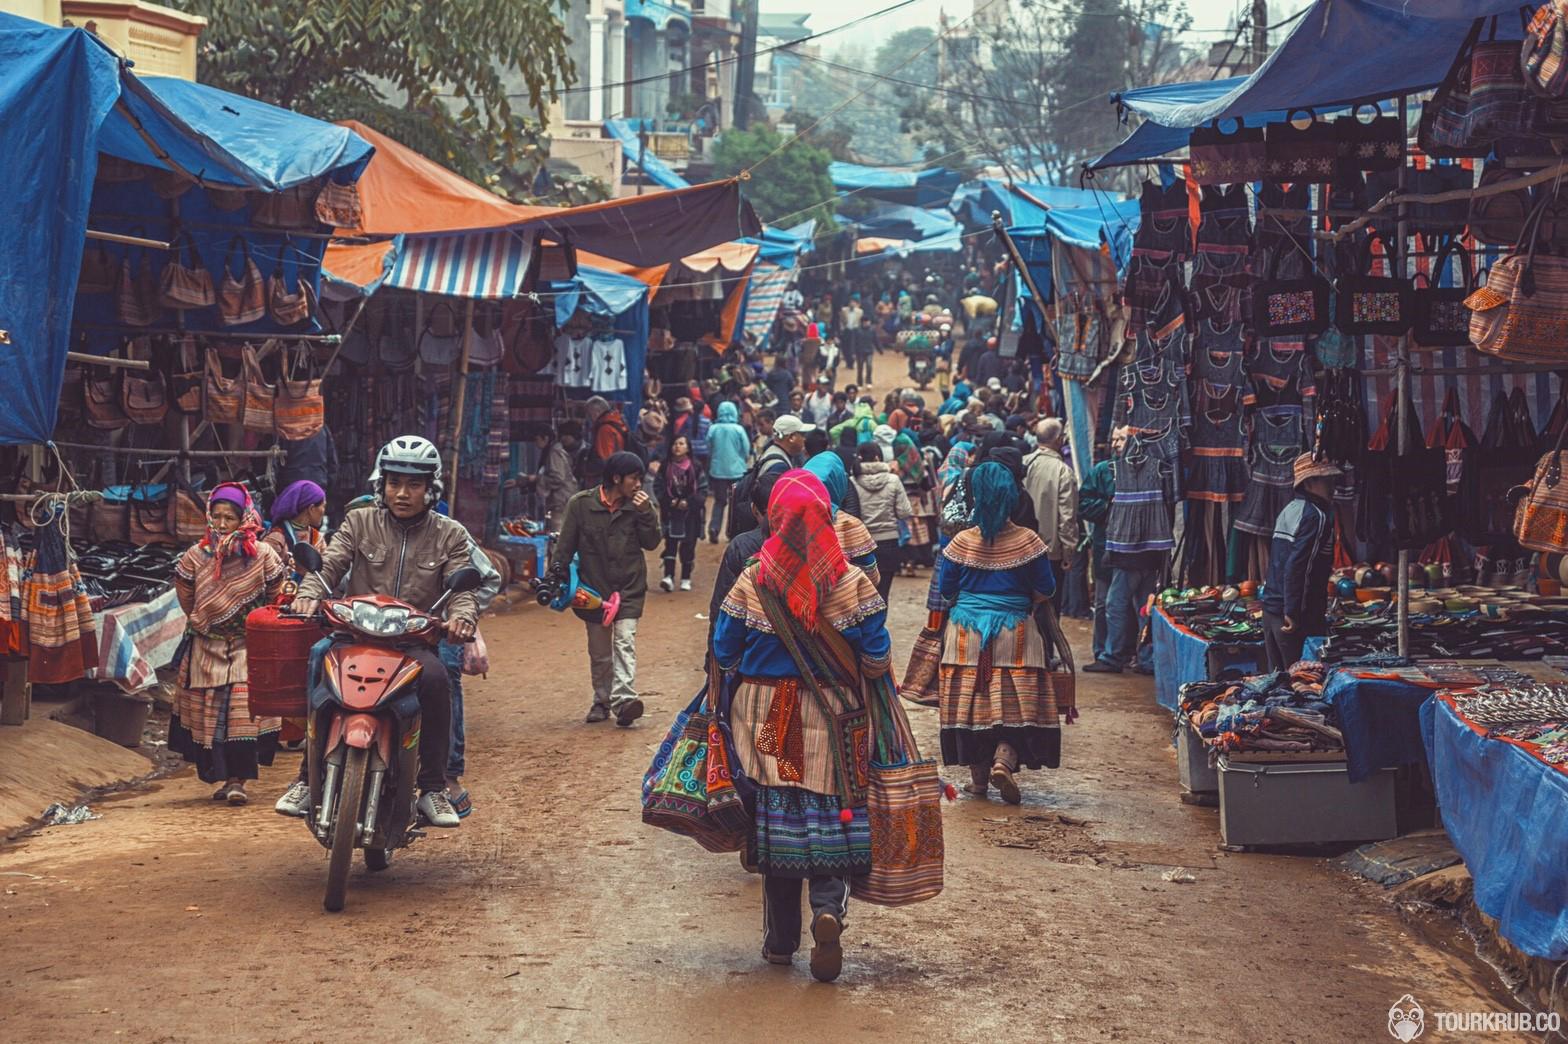 ตลาดชาวเขาซาปา1.jpg.jpg